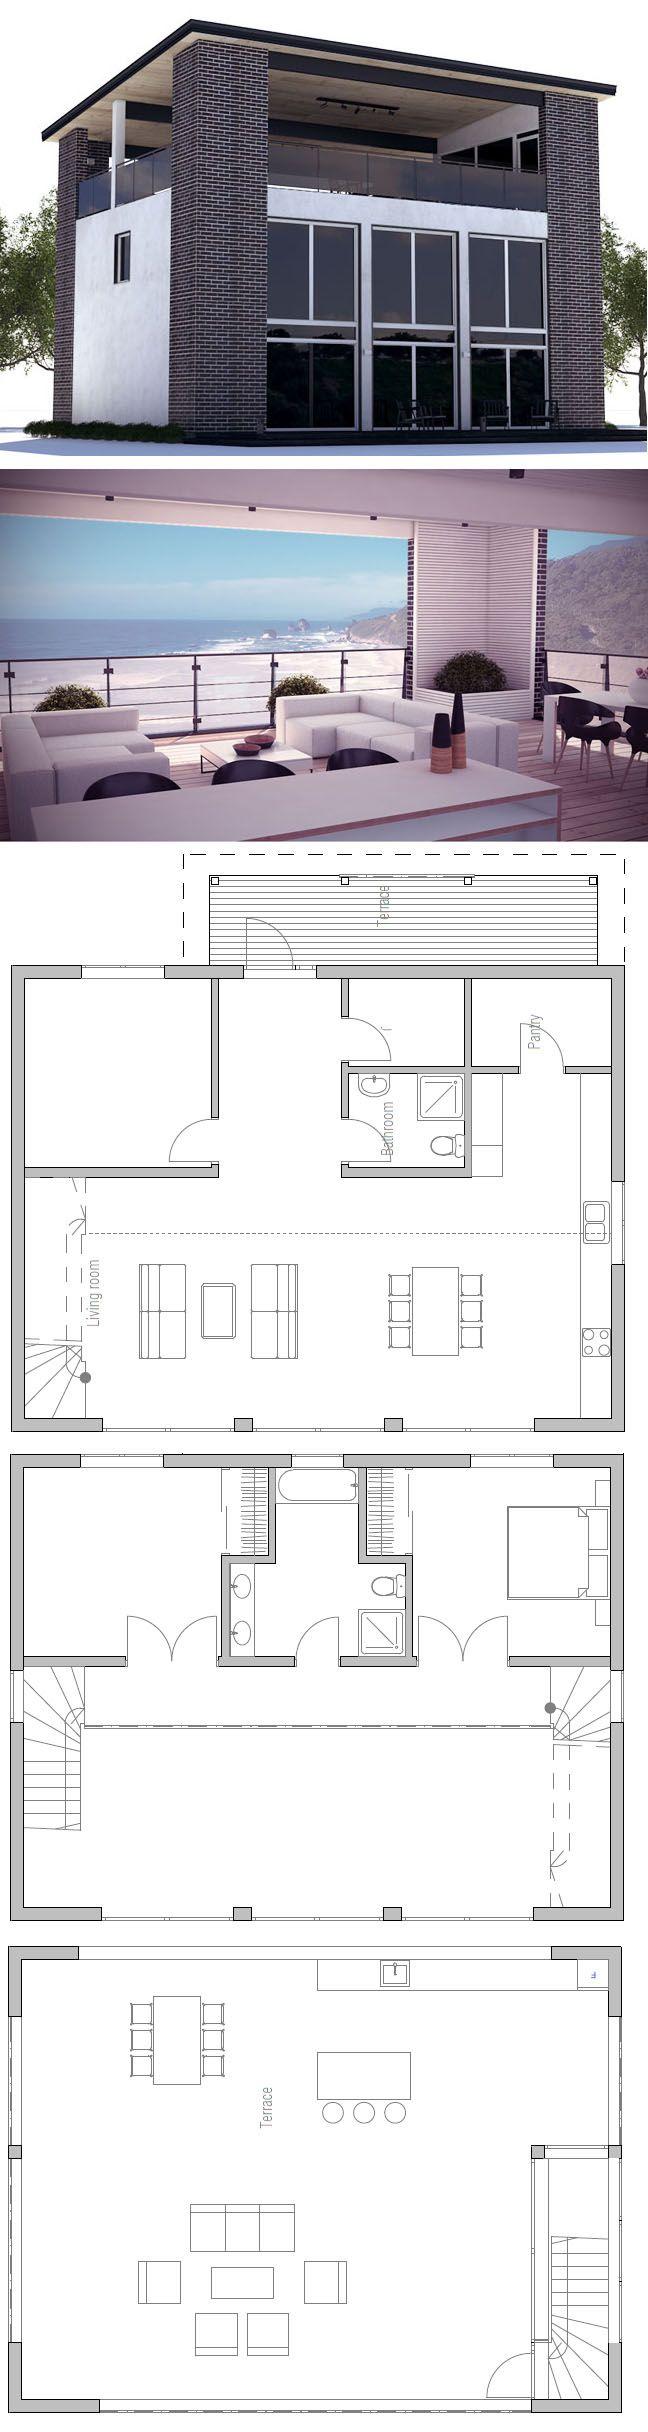 Moderne architektur grundrisse  Die 84 besten Bilder zu Architektur auf Pinterest | Hauspläne ...